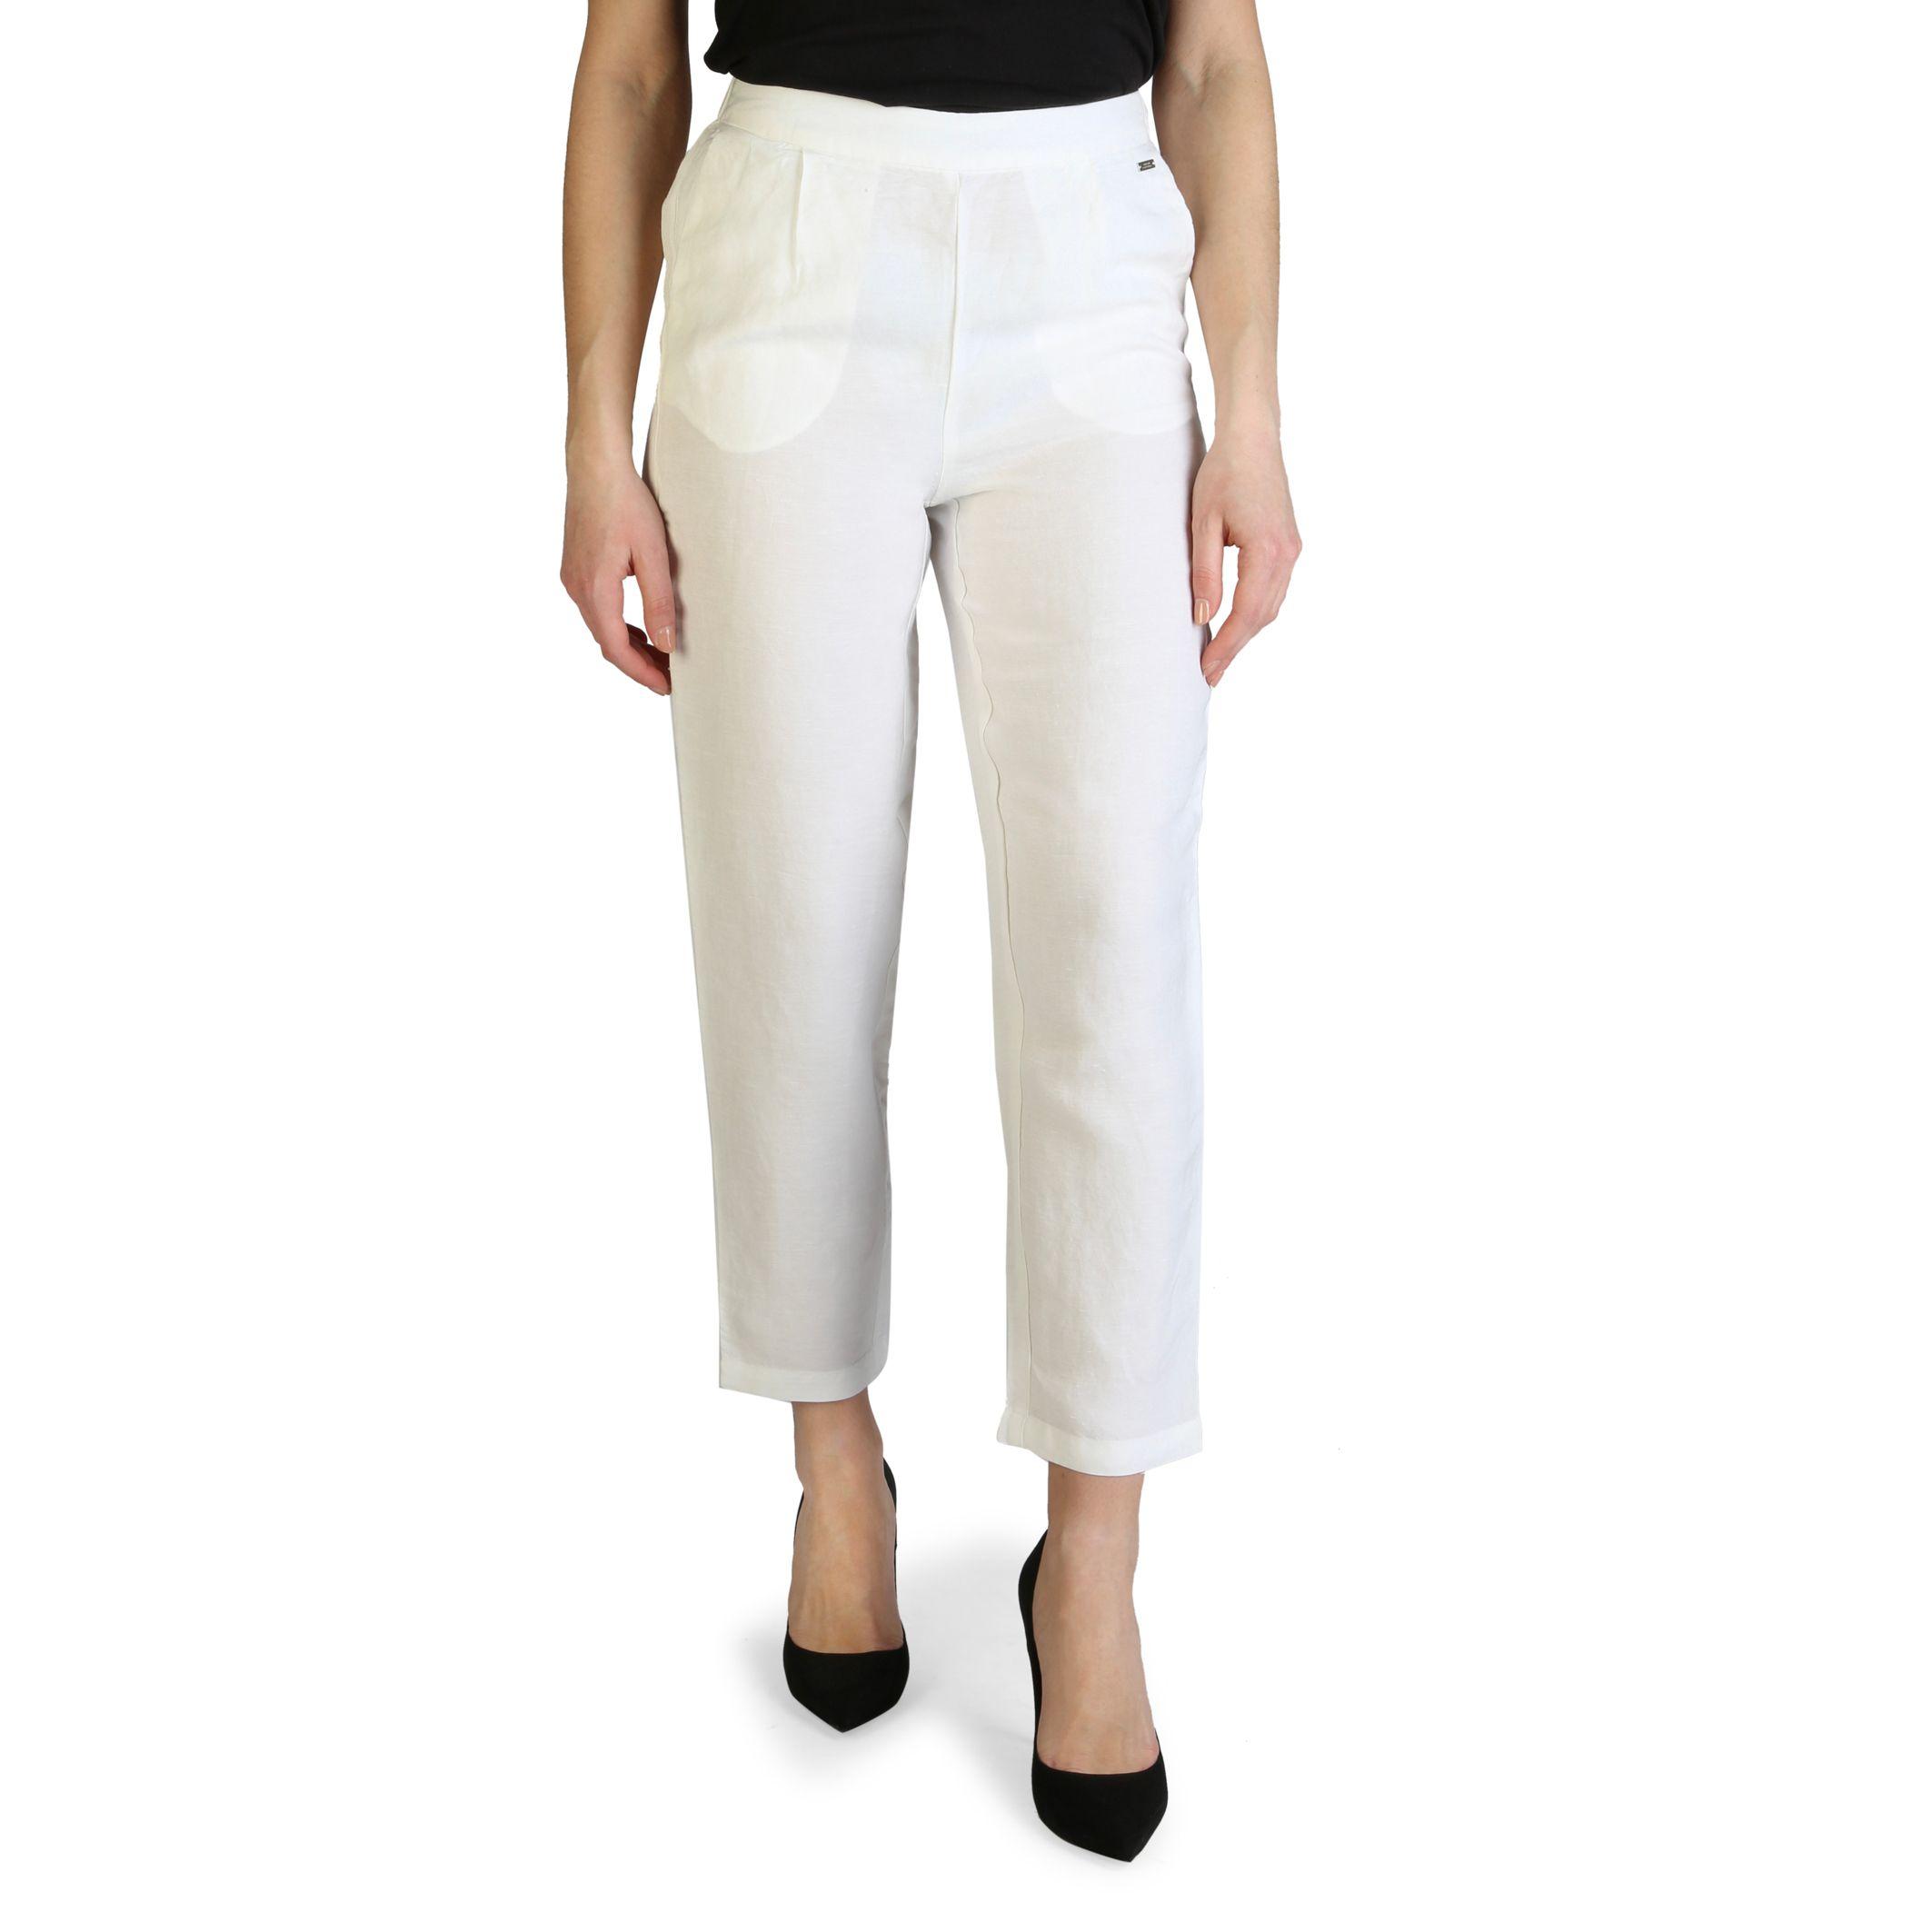 Pantaloni Armani Exchange3ZYP19_YNBBZ